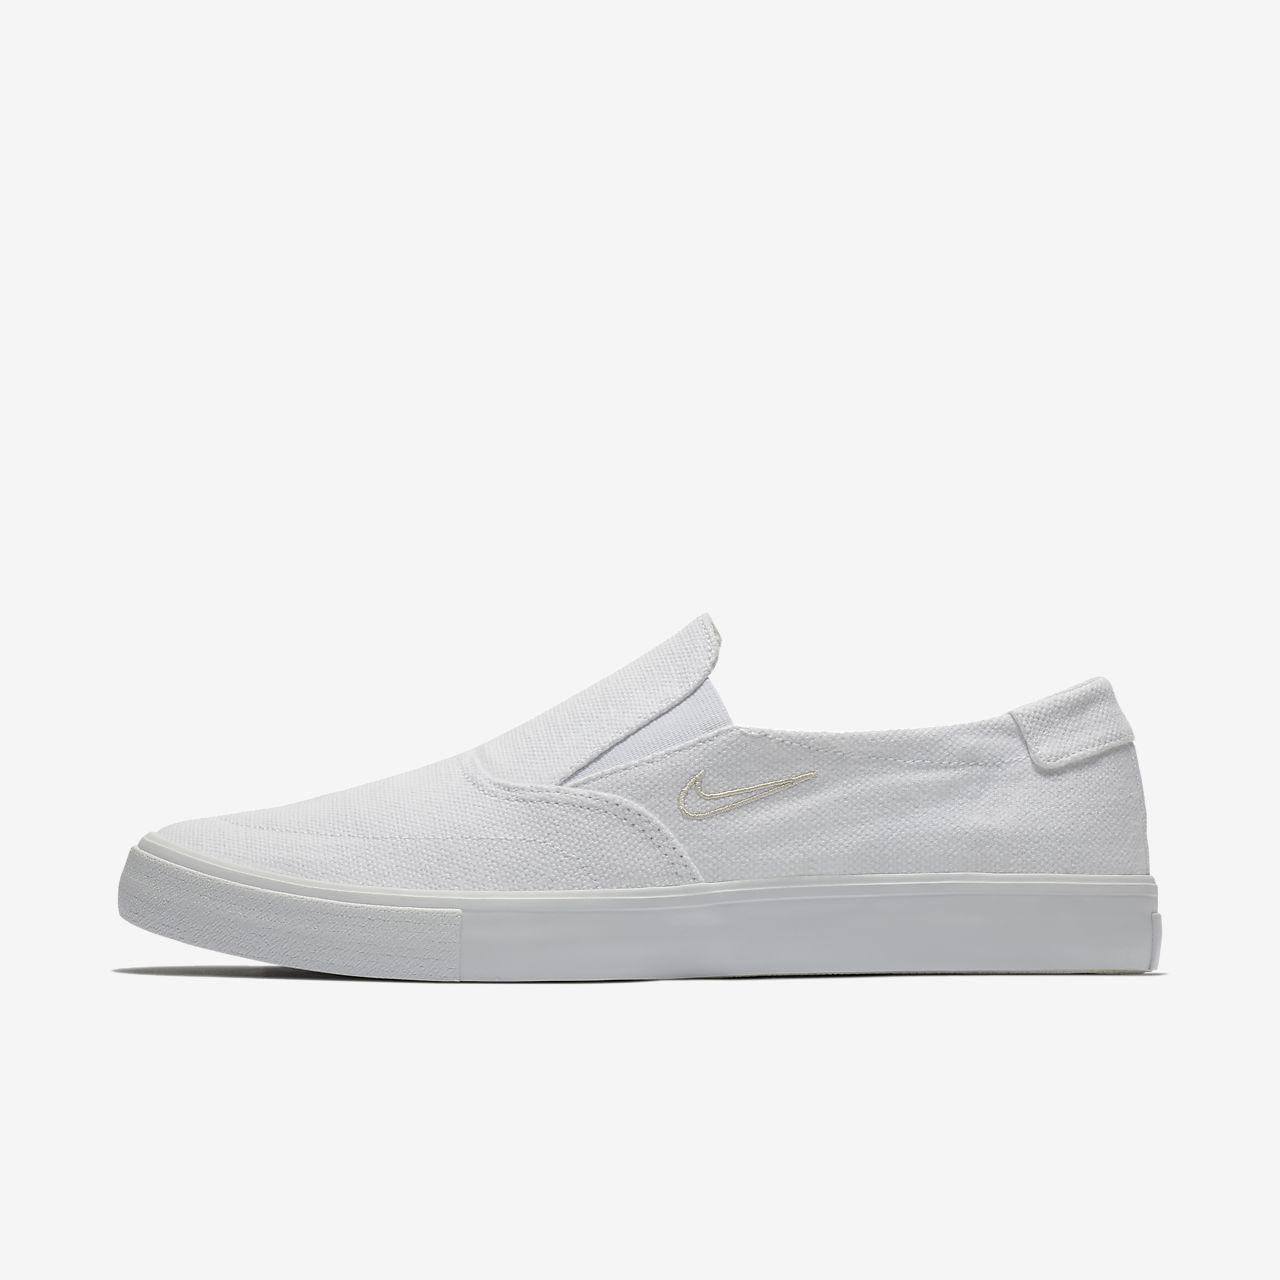 ... Nike SB Portmore II Solarsoft Slip-on Men's Skateboarding Shoe